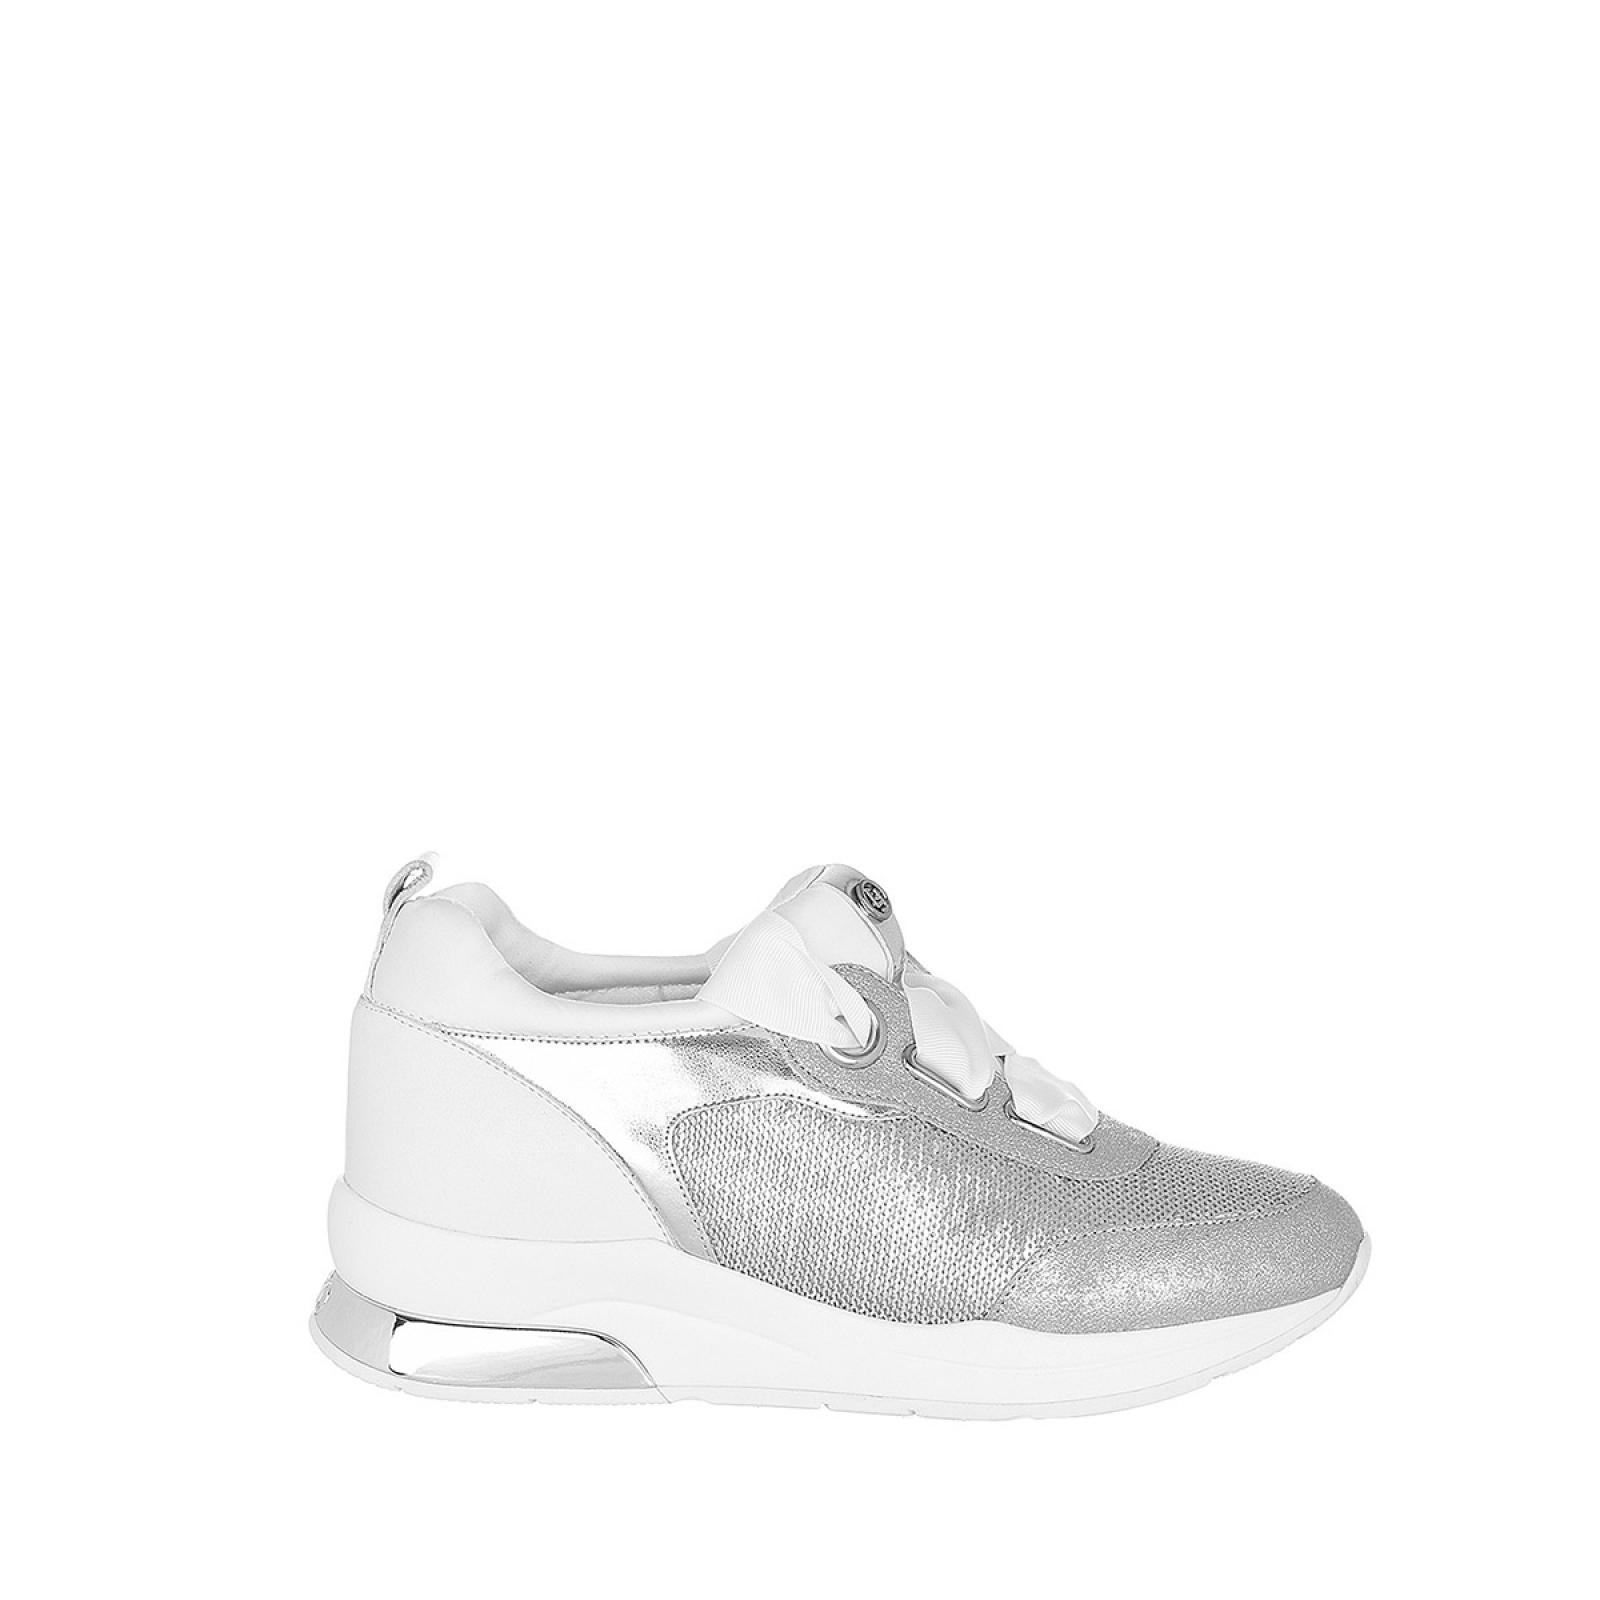 Sneakers Karlie in pelle - SILVER